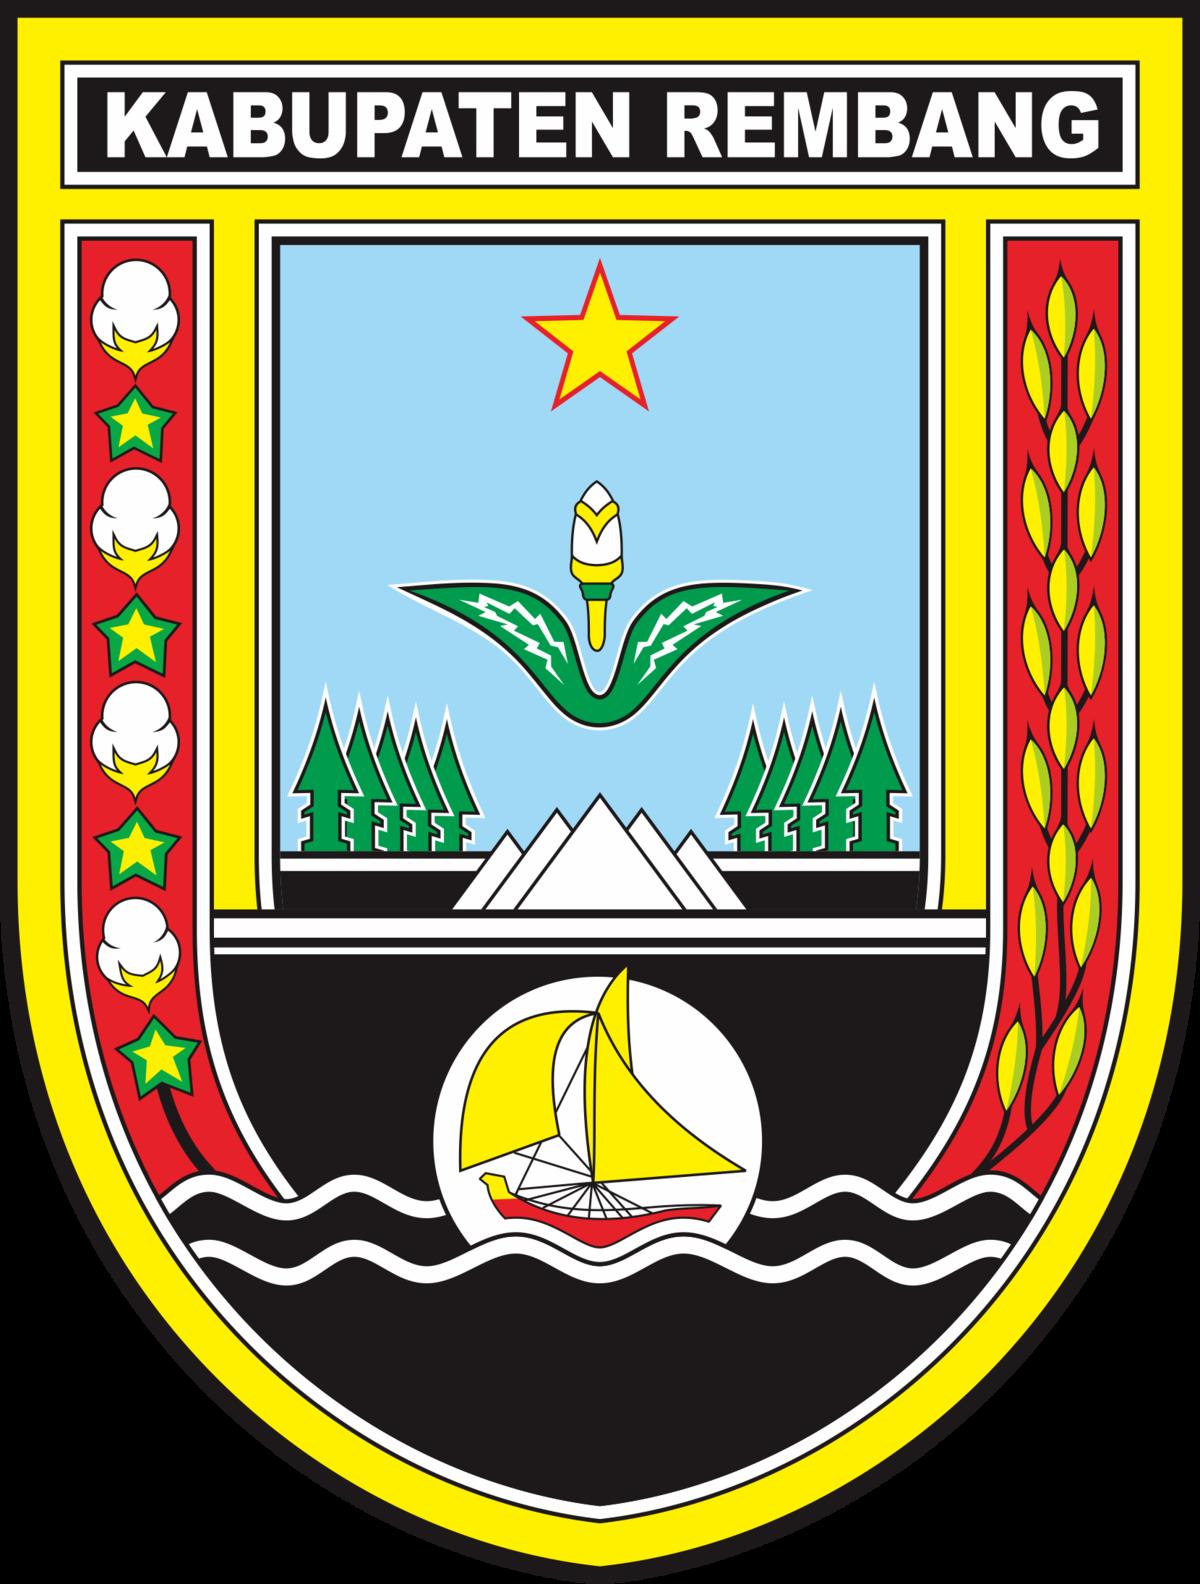 Kabupaten Rembang Wikipedia Bahasa Indonesia Ensiklopedia Bebas Wana Wisata Kartini